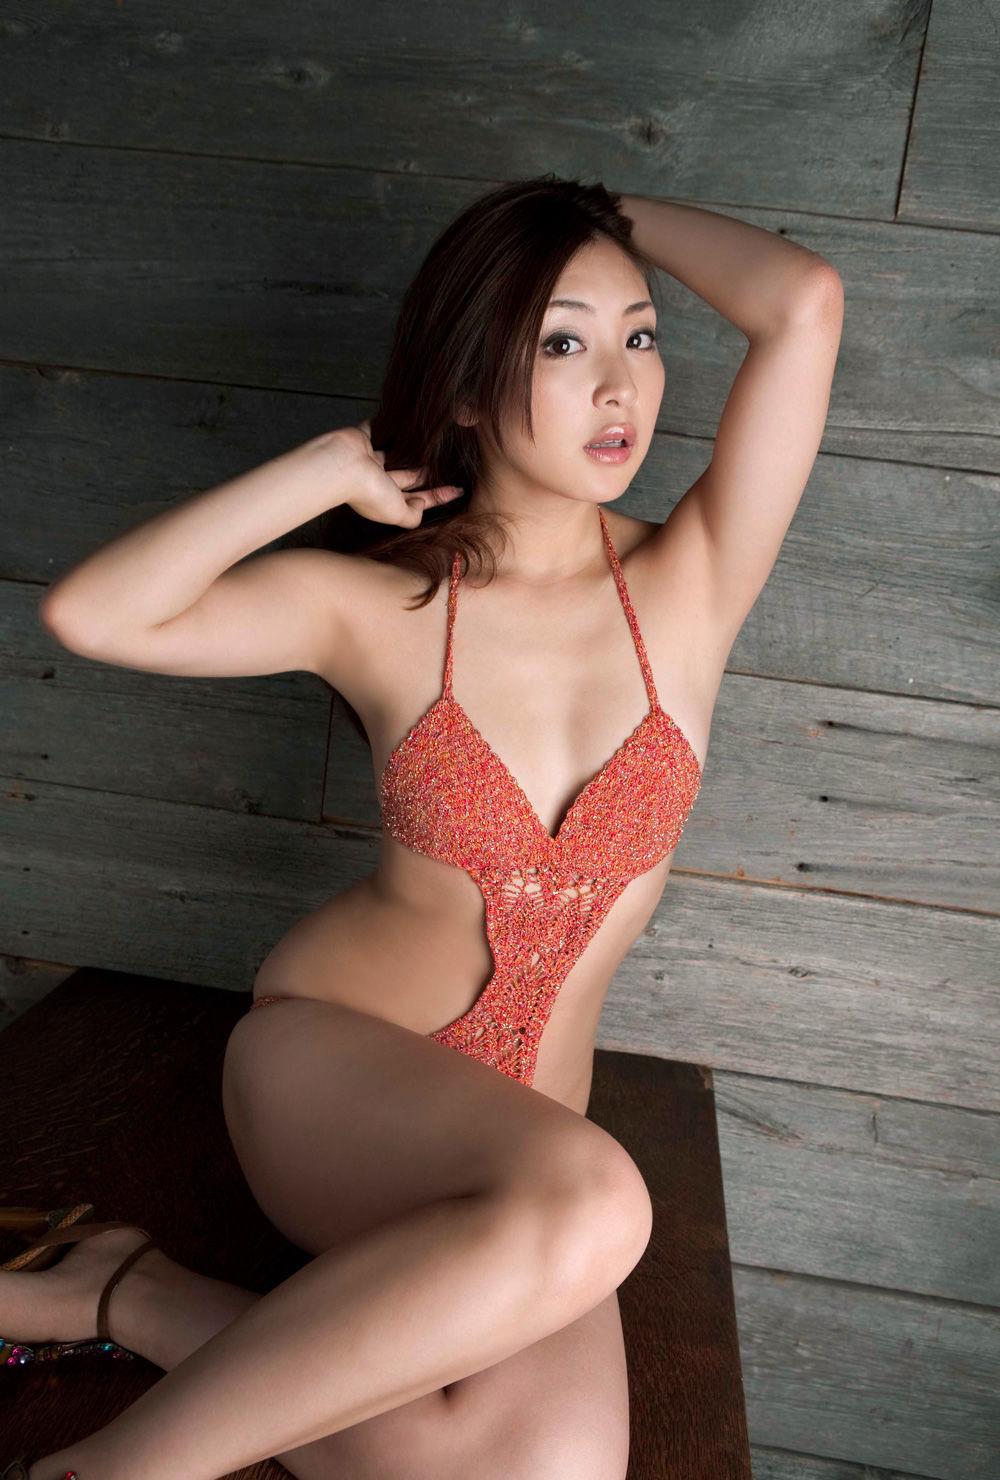 辰巳奈都子 画像 掲示板 64